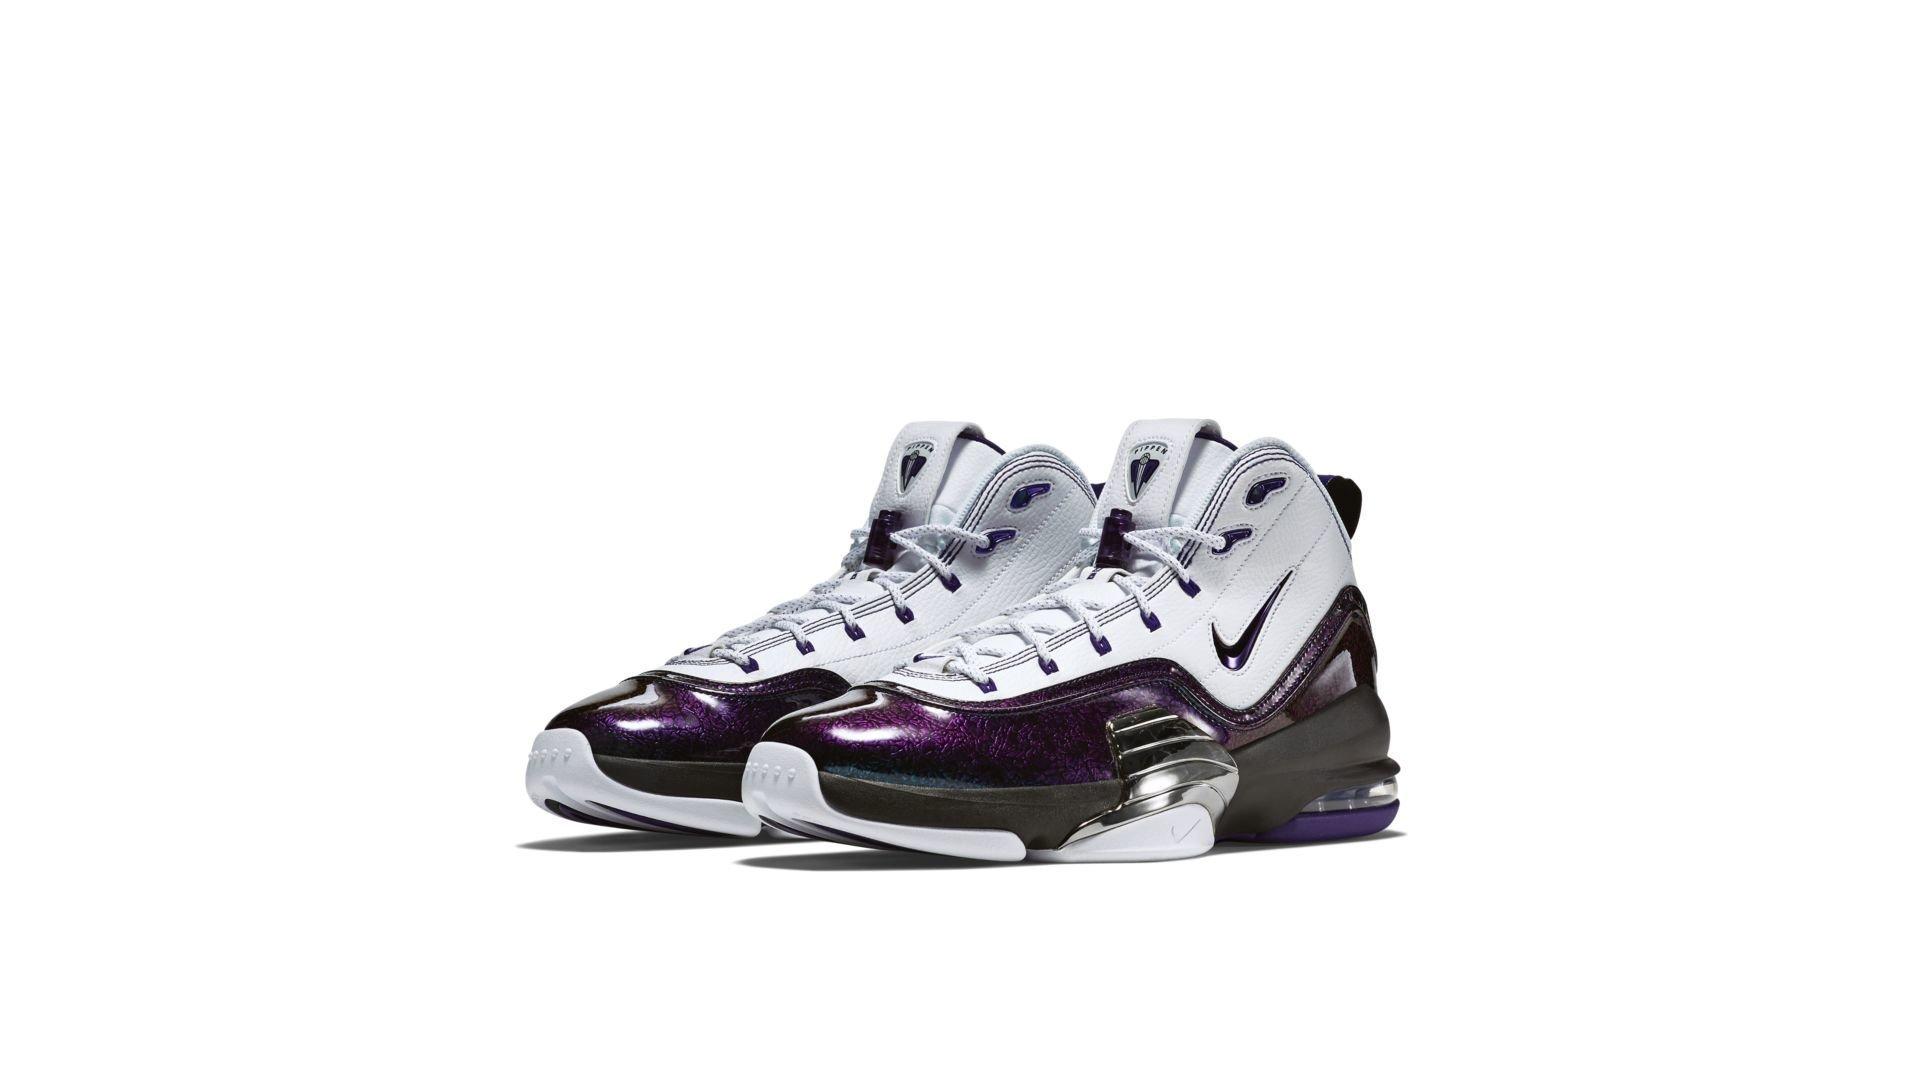 Nike Air Pippen 6 White Court Purple (705065-151)